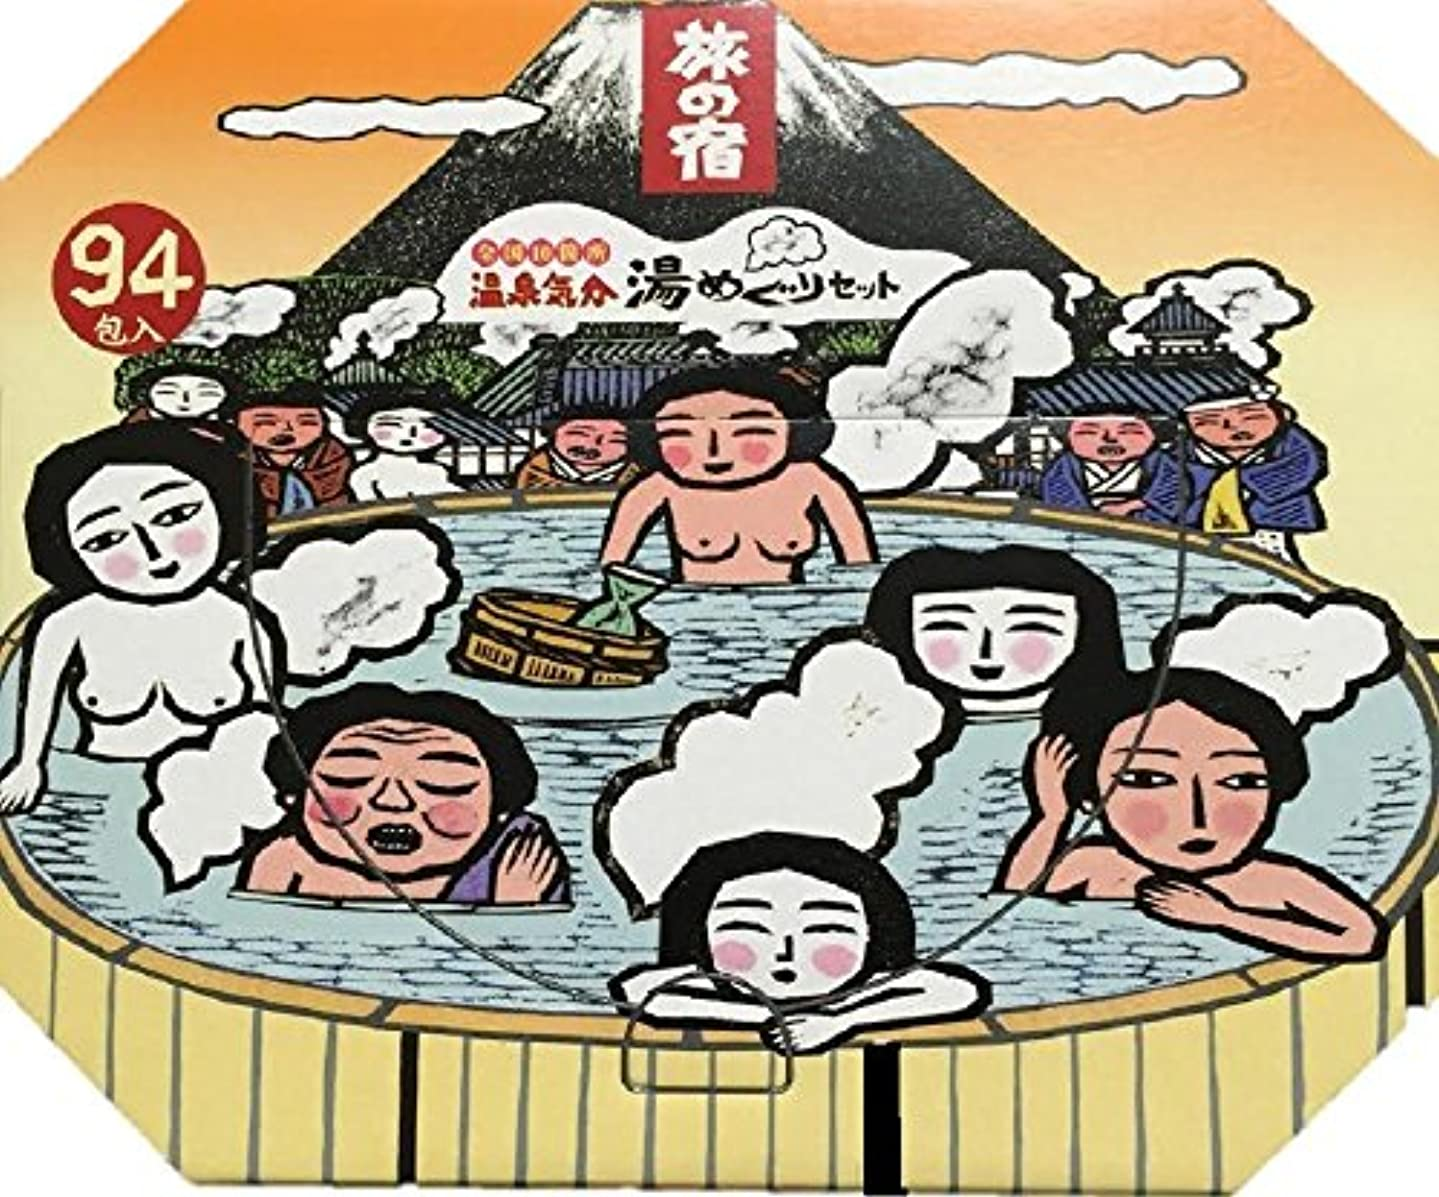 スパン花瓶評価旅の宿(薬用入浴剤) 全国10箇所温泉気分 湯めぐりセット94包入